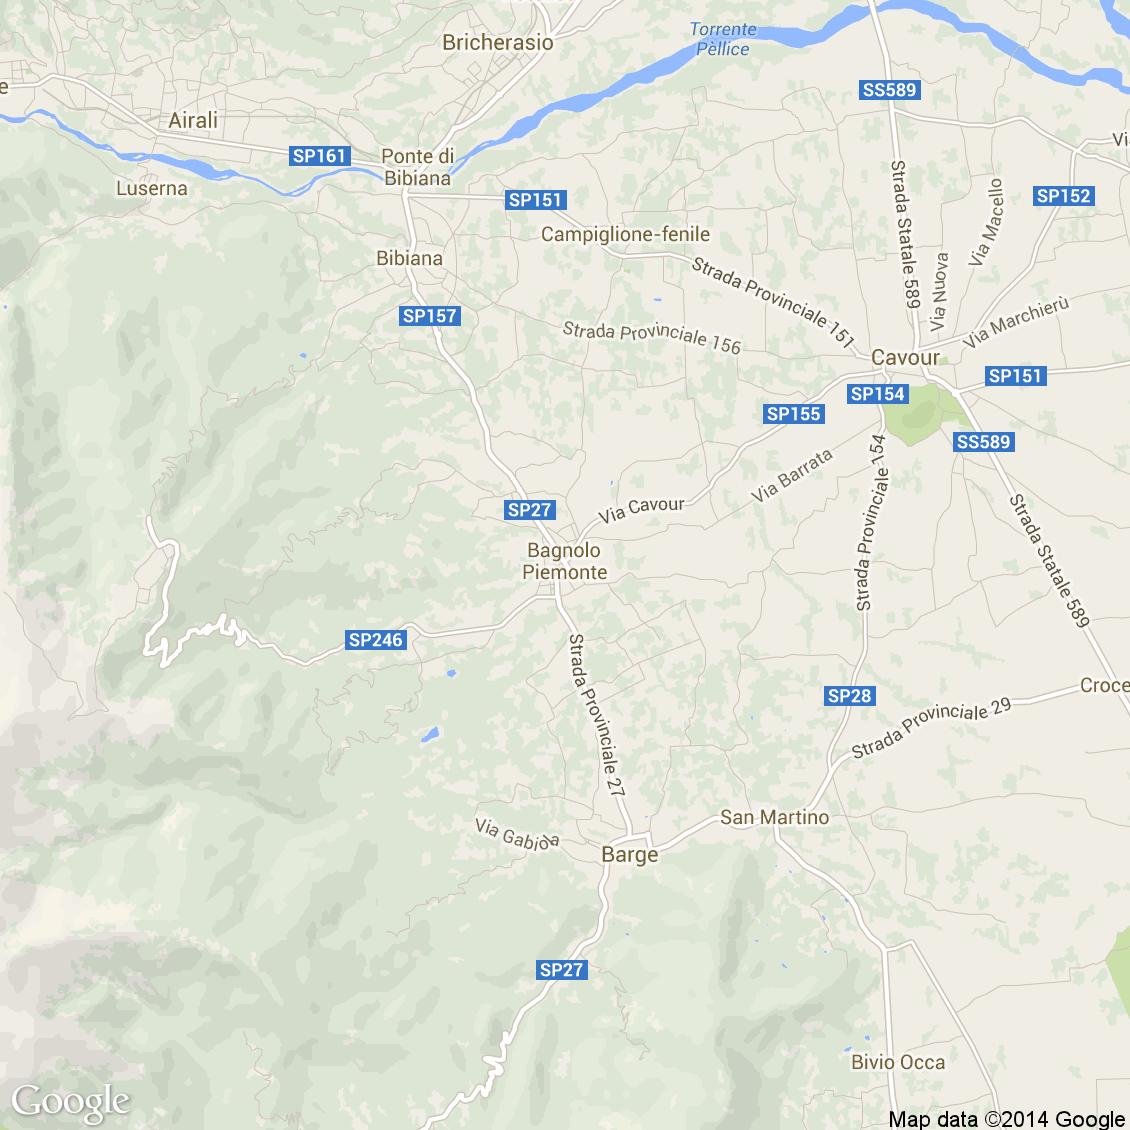 Piemonte Cartina Stradale.Foto Dall Alto Delle Strade Del Comune Di Bagnolo Piemonte Media E Alta Risoluzione